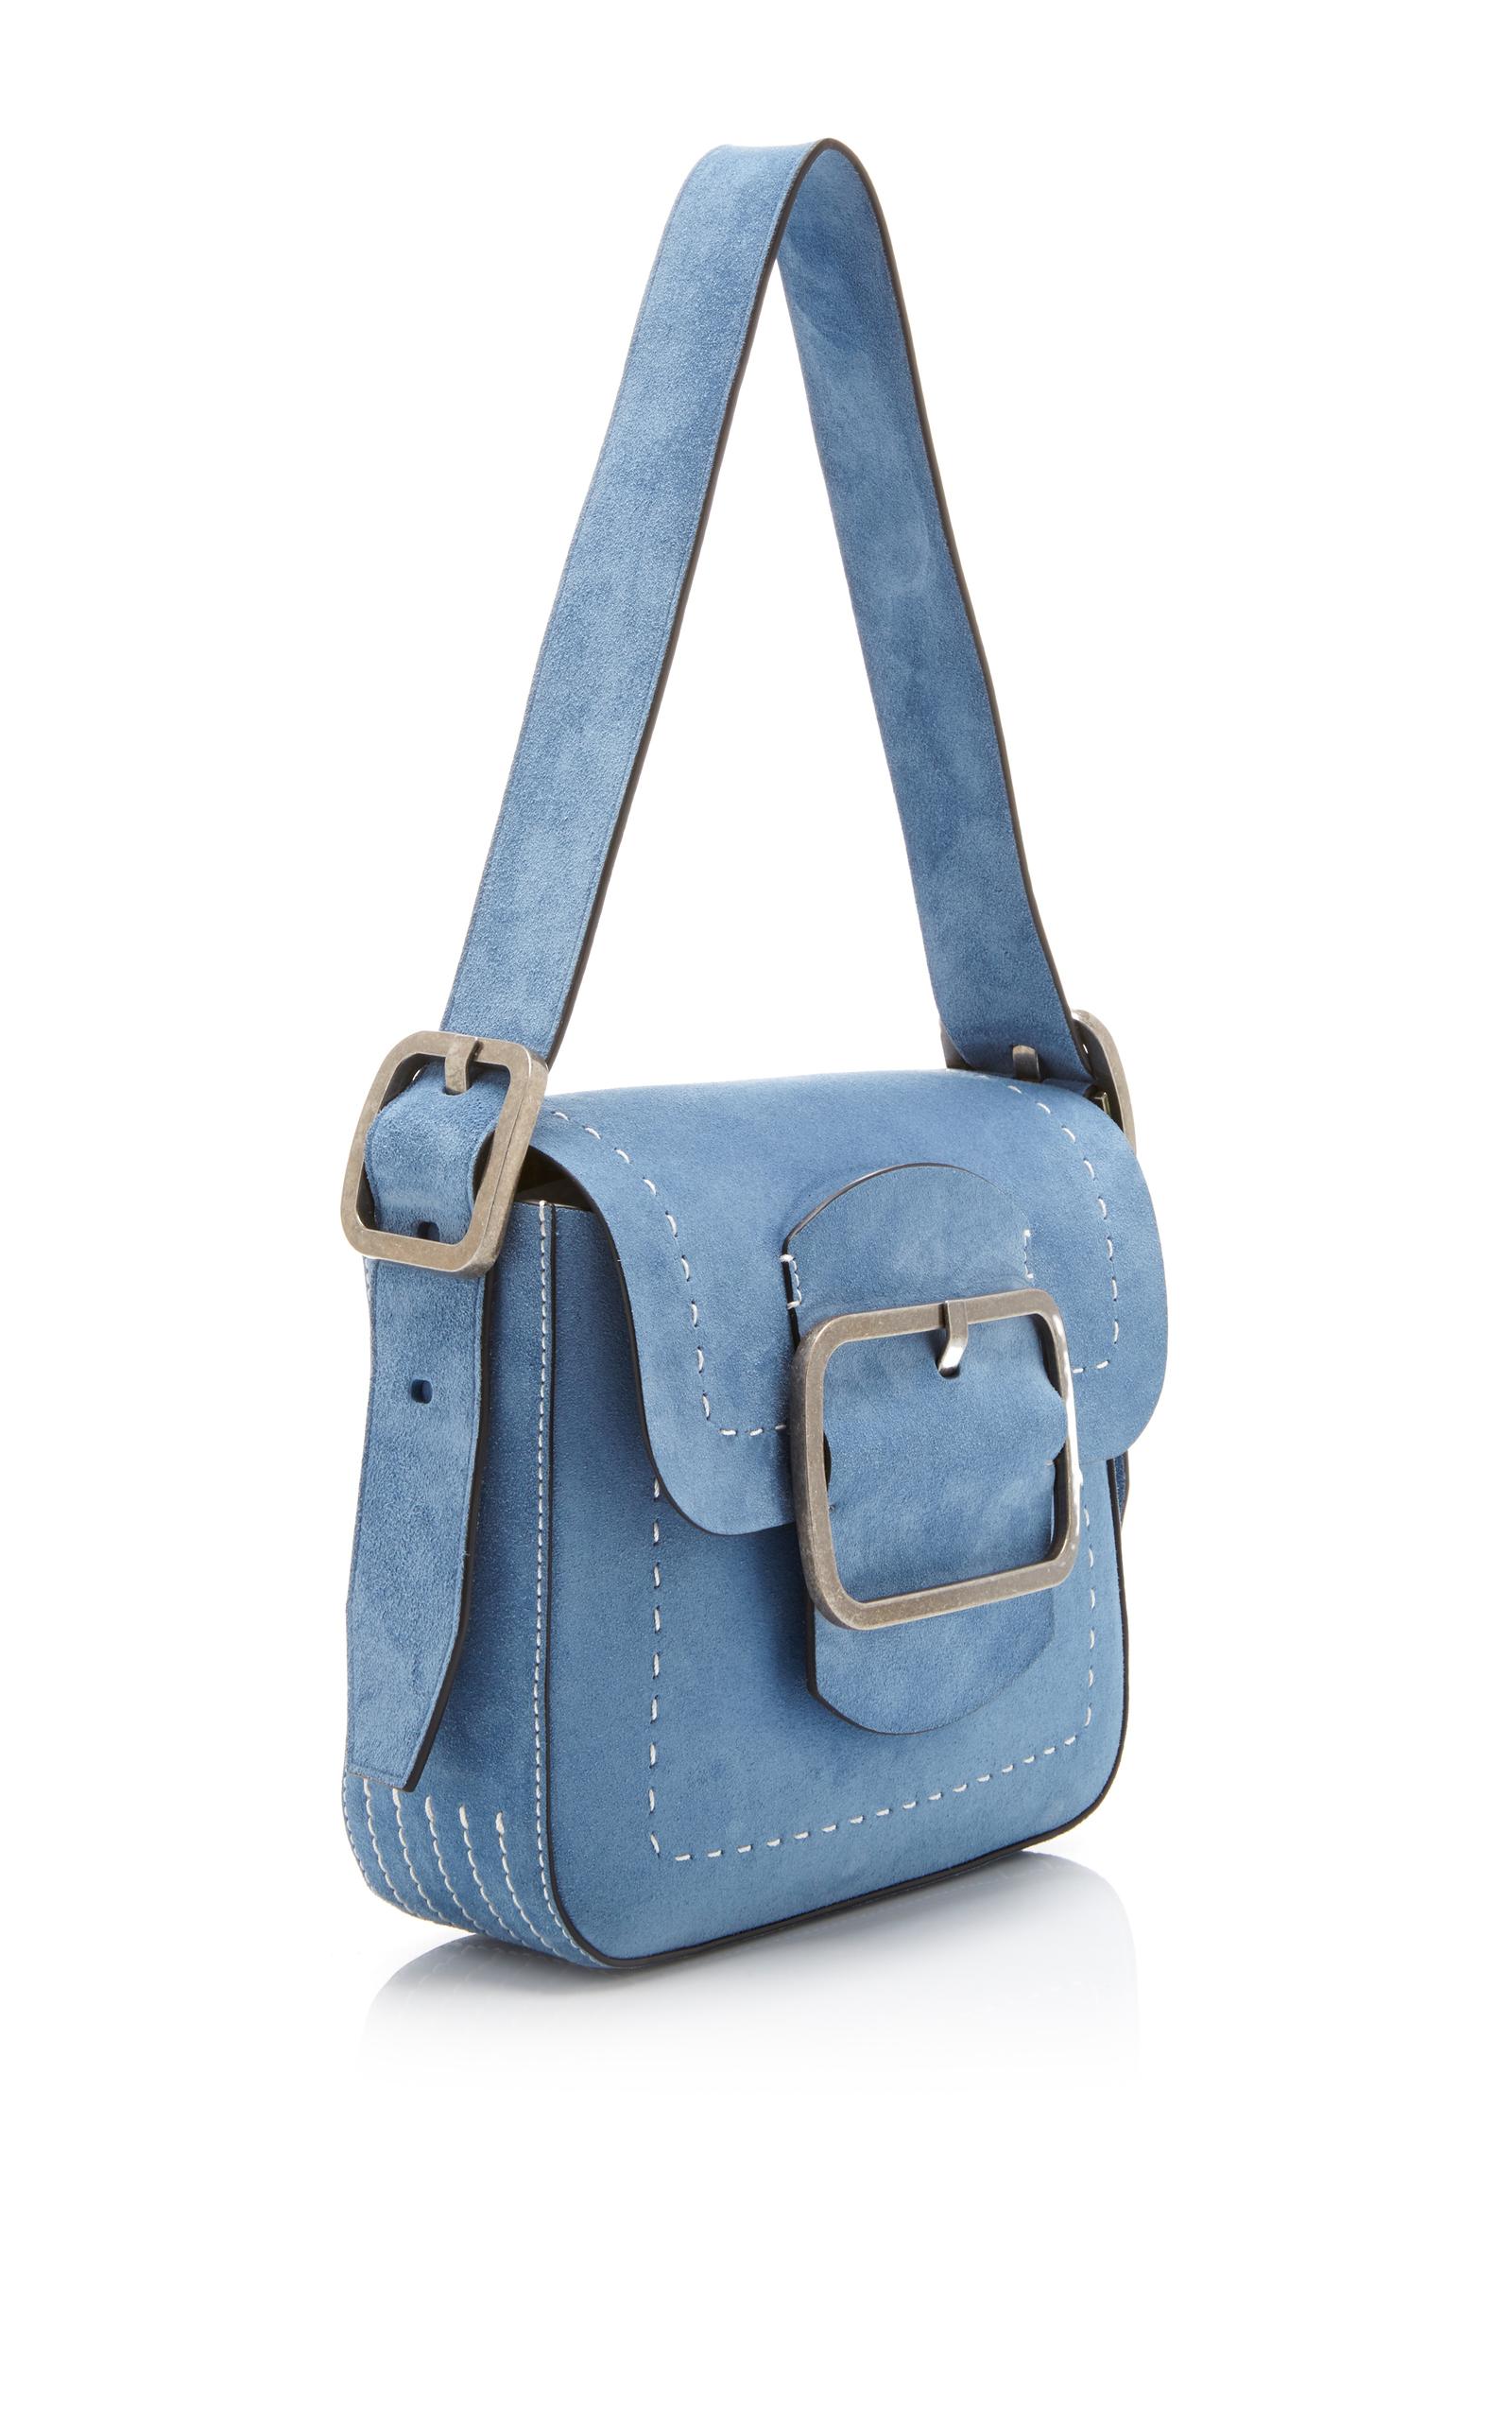 17e7cbd3ce2e uk tory burch blue suede handbag 4368d 437a6